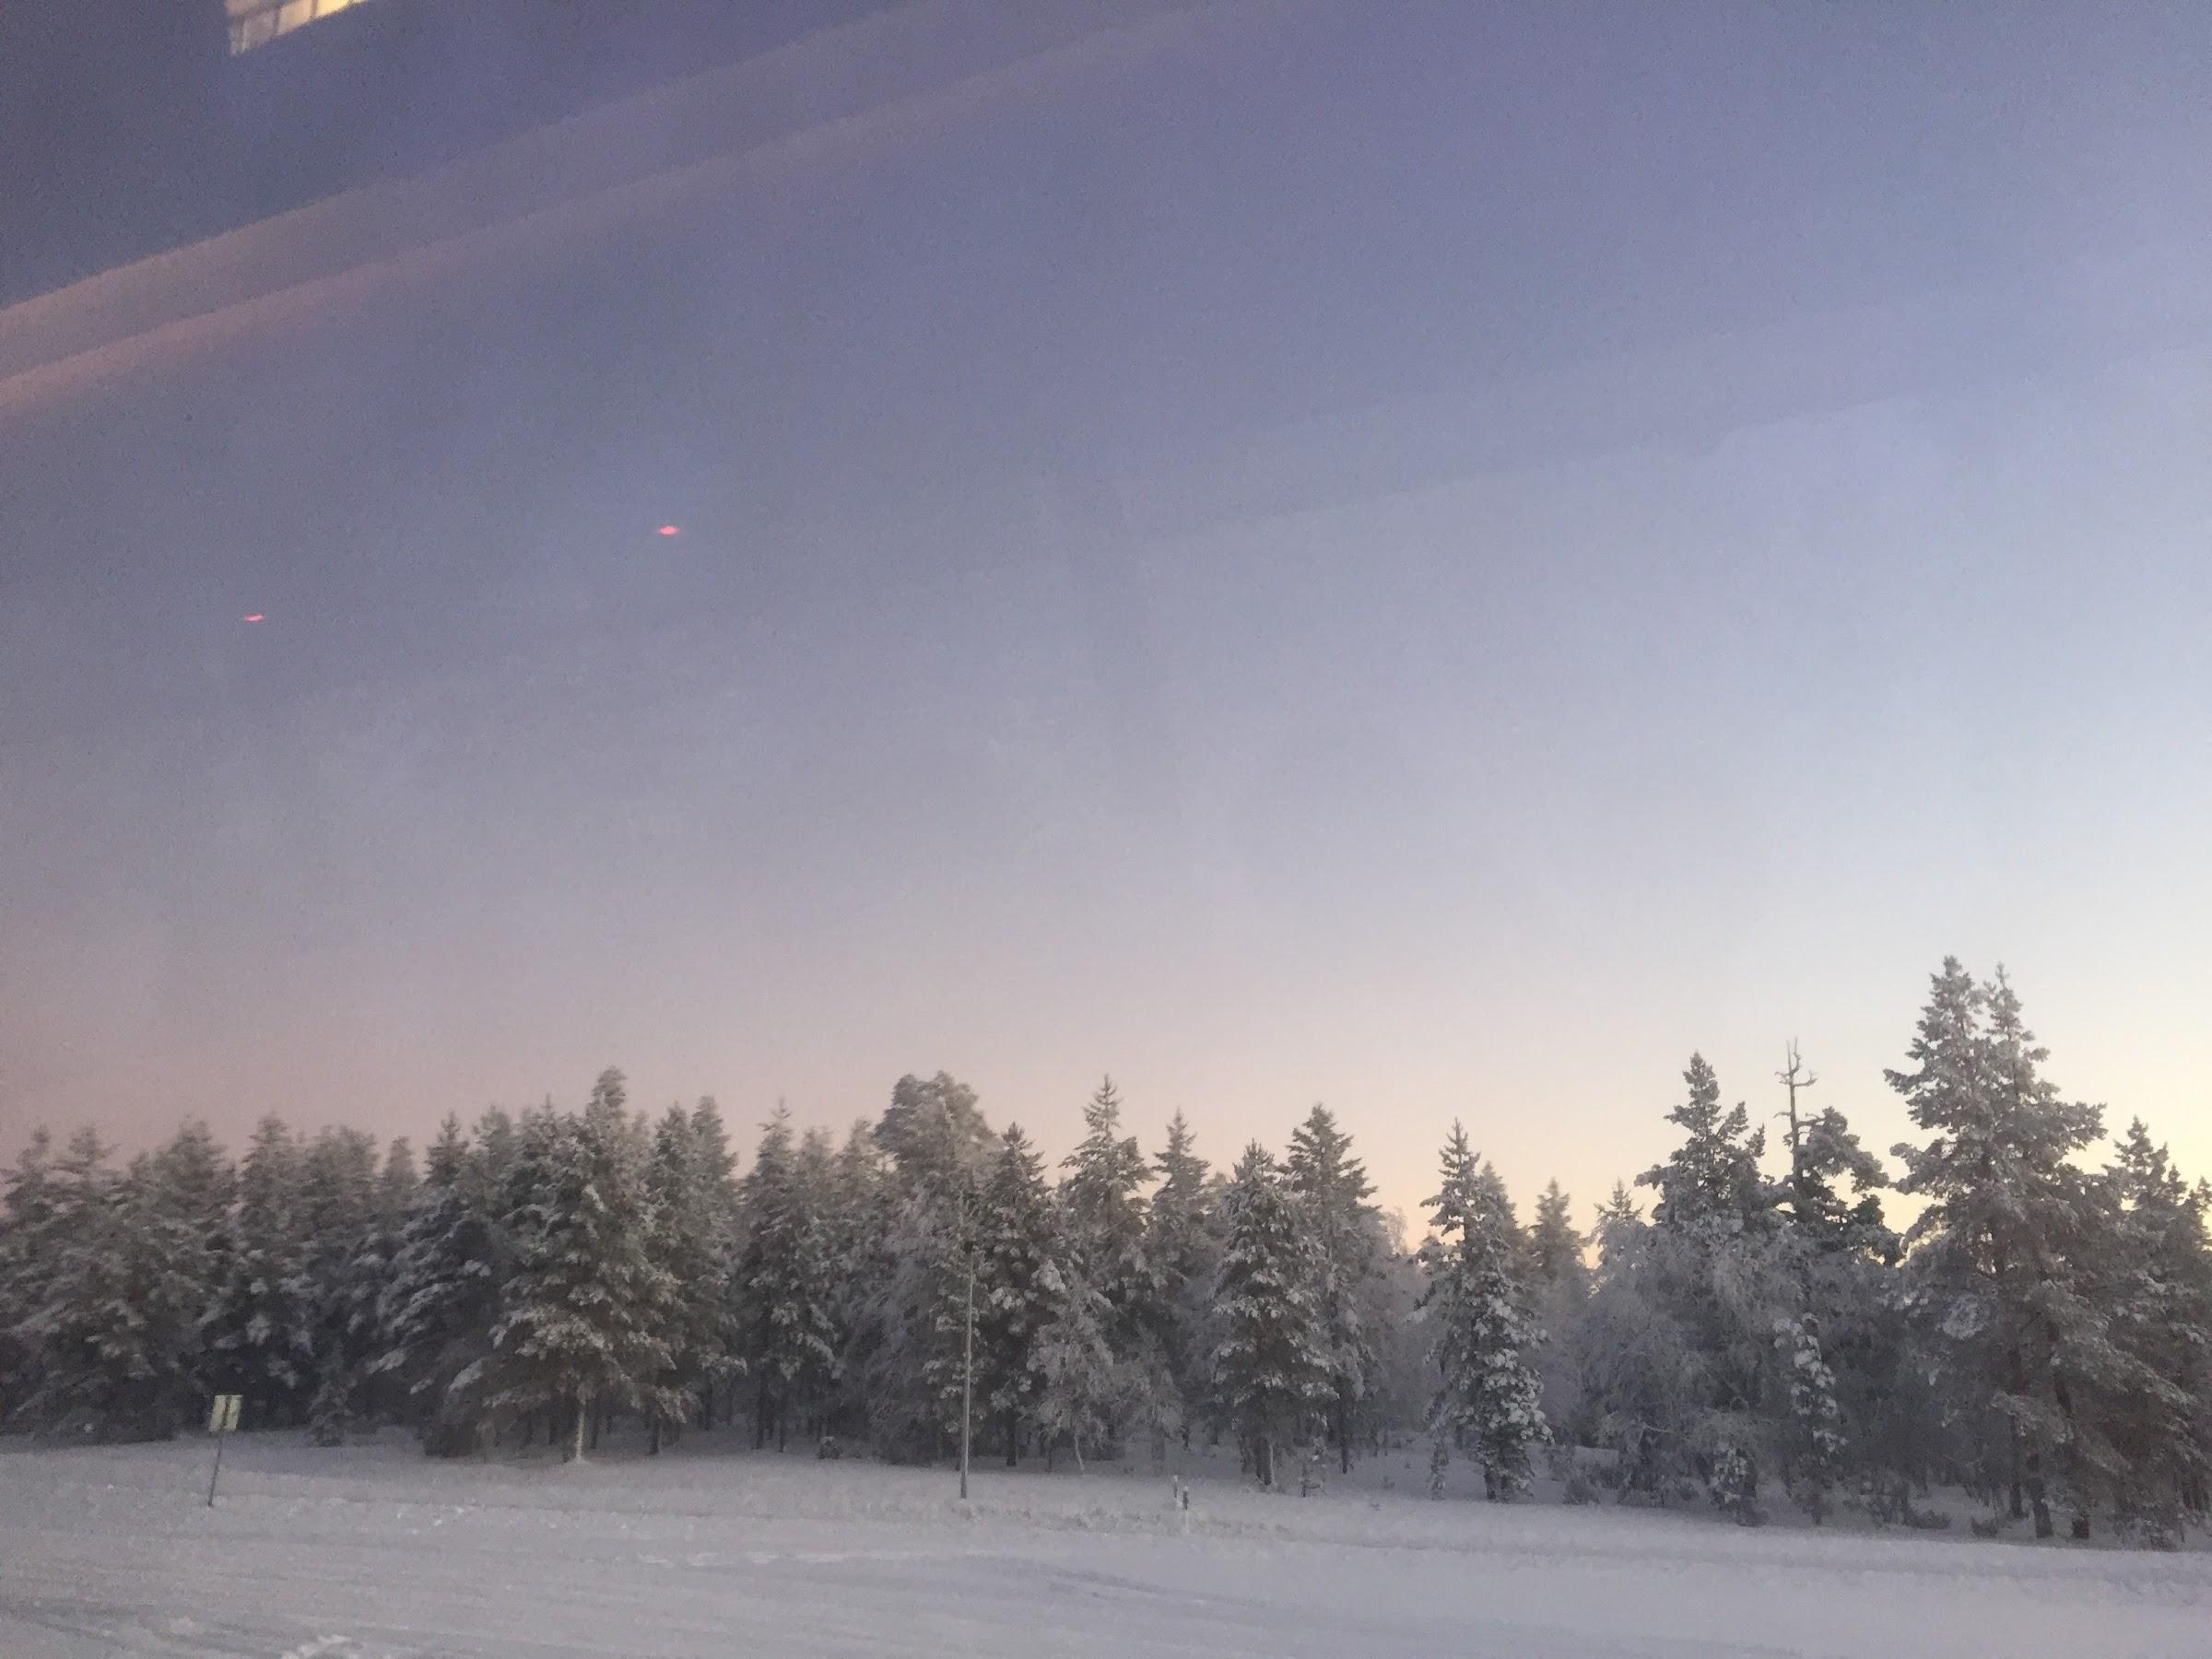 ほぼ忘れかけのフィンランド・サーリセルカ旅行記